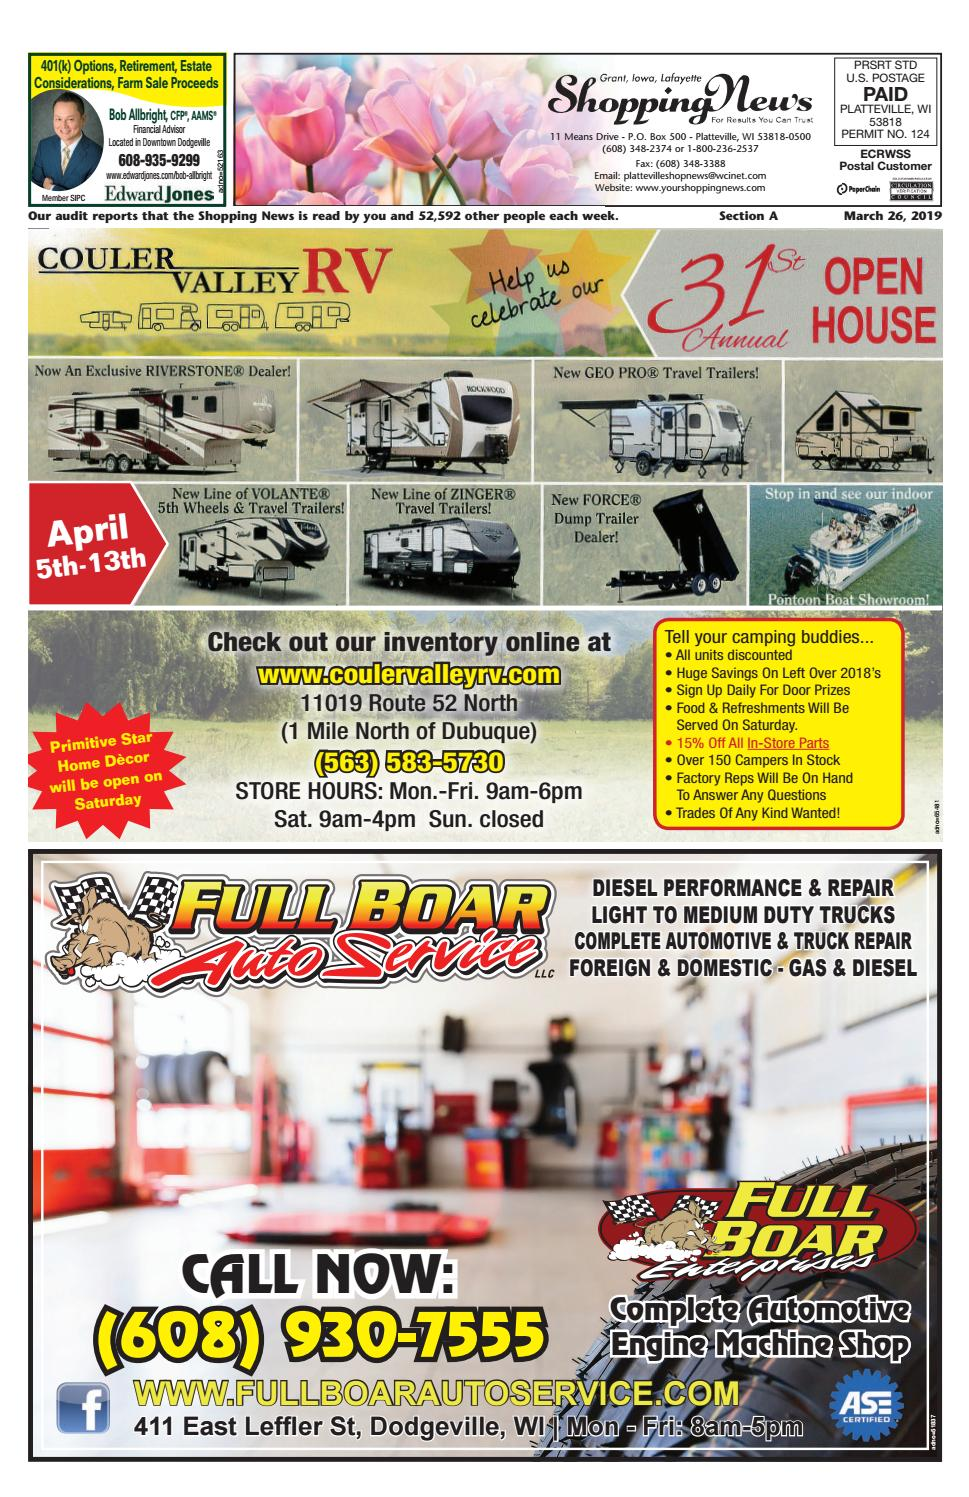 GIL Shopping News 3-26 by Woodward Community Media - issuu